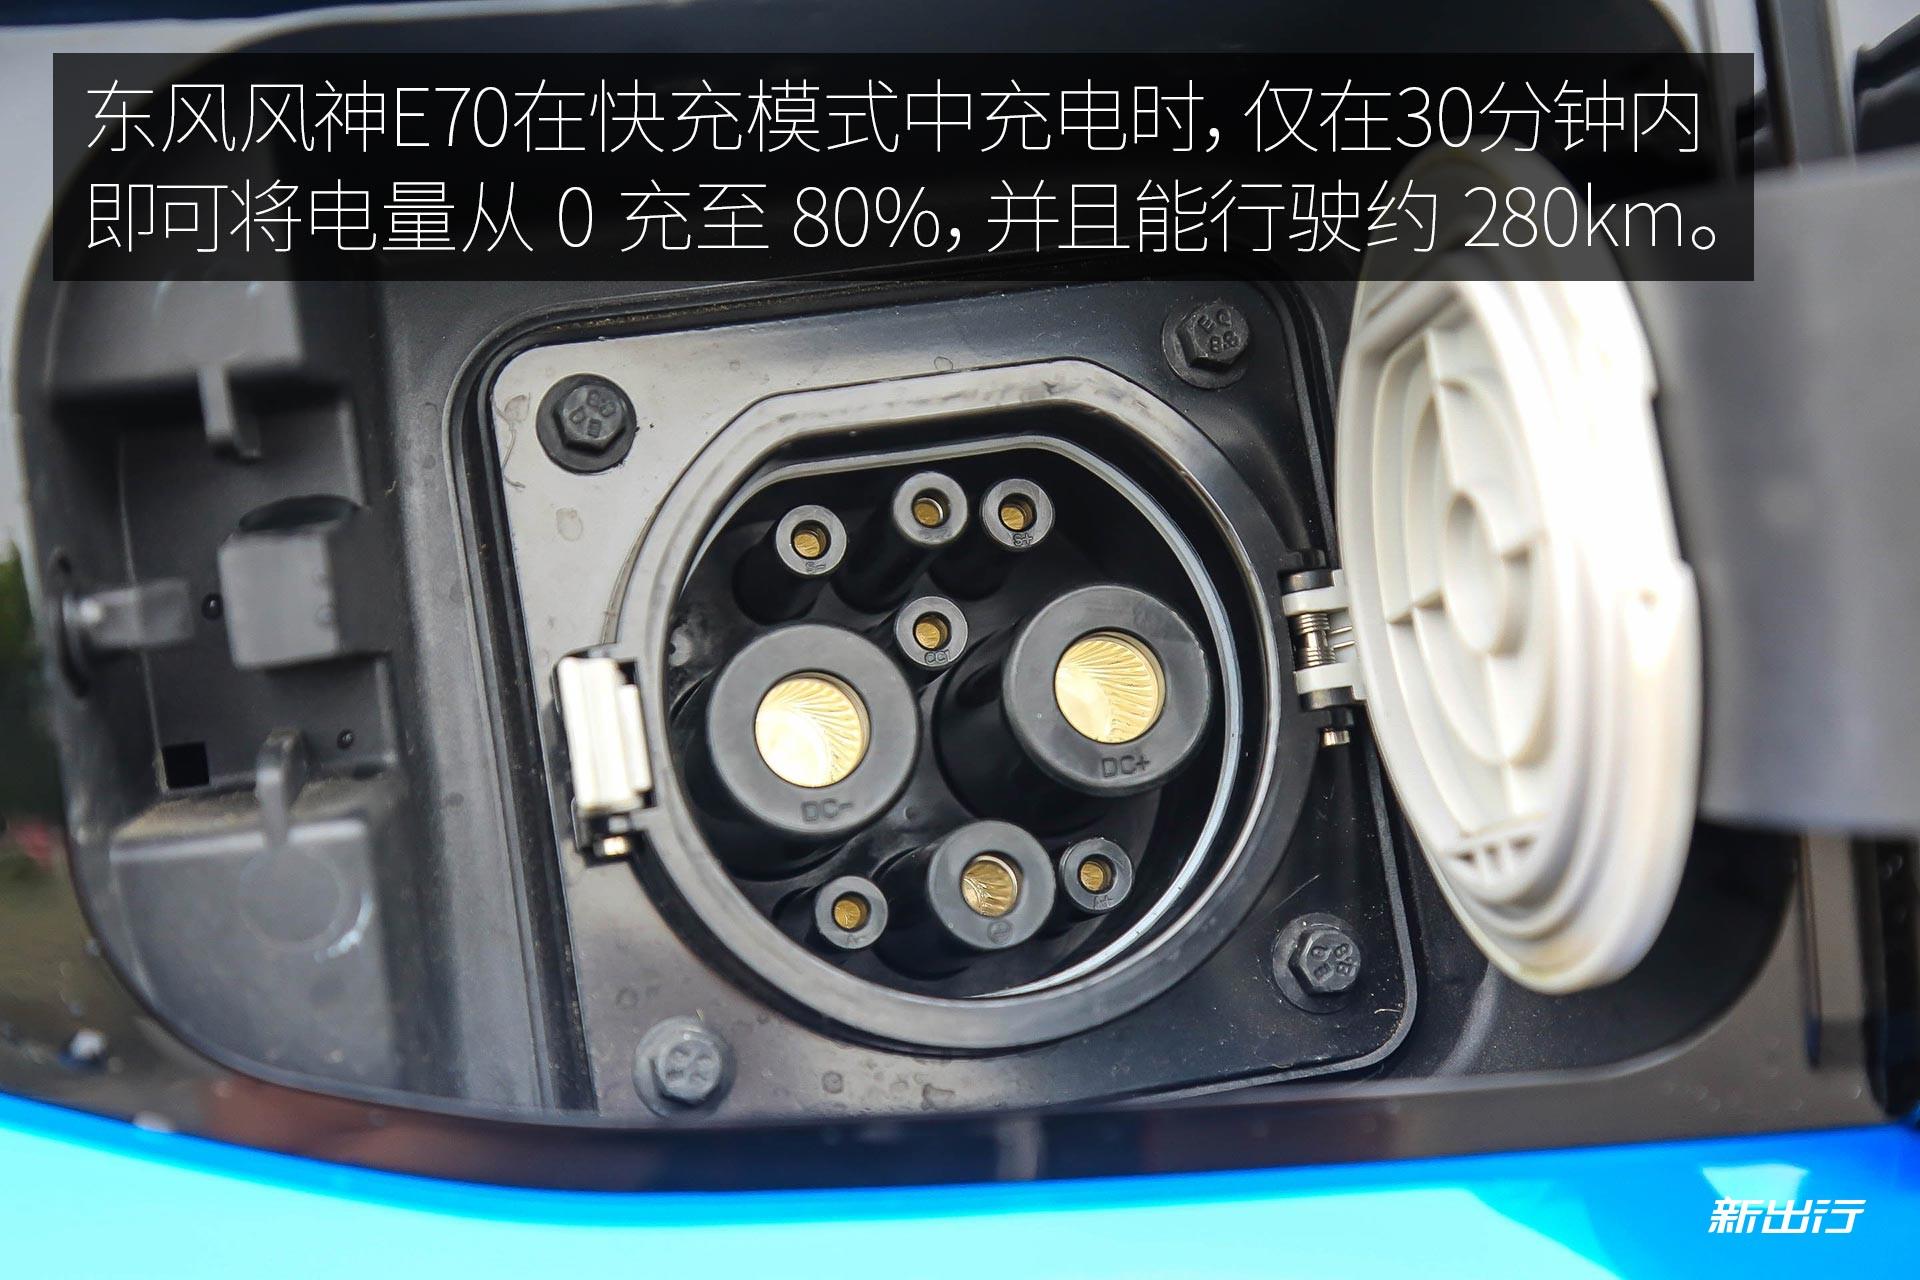 的两侧设计了隐藏式的充电接口,其中左边的为快充接口,右边的是慢充接